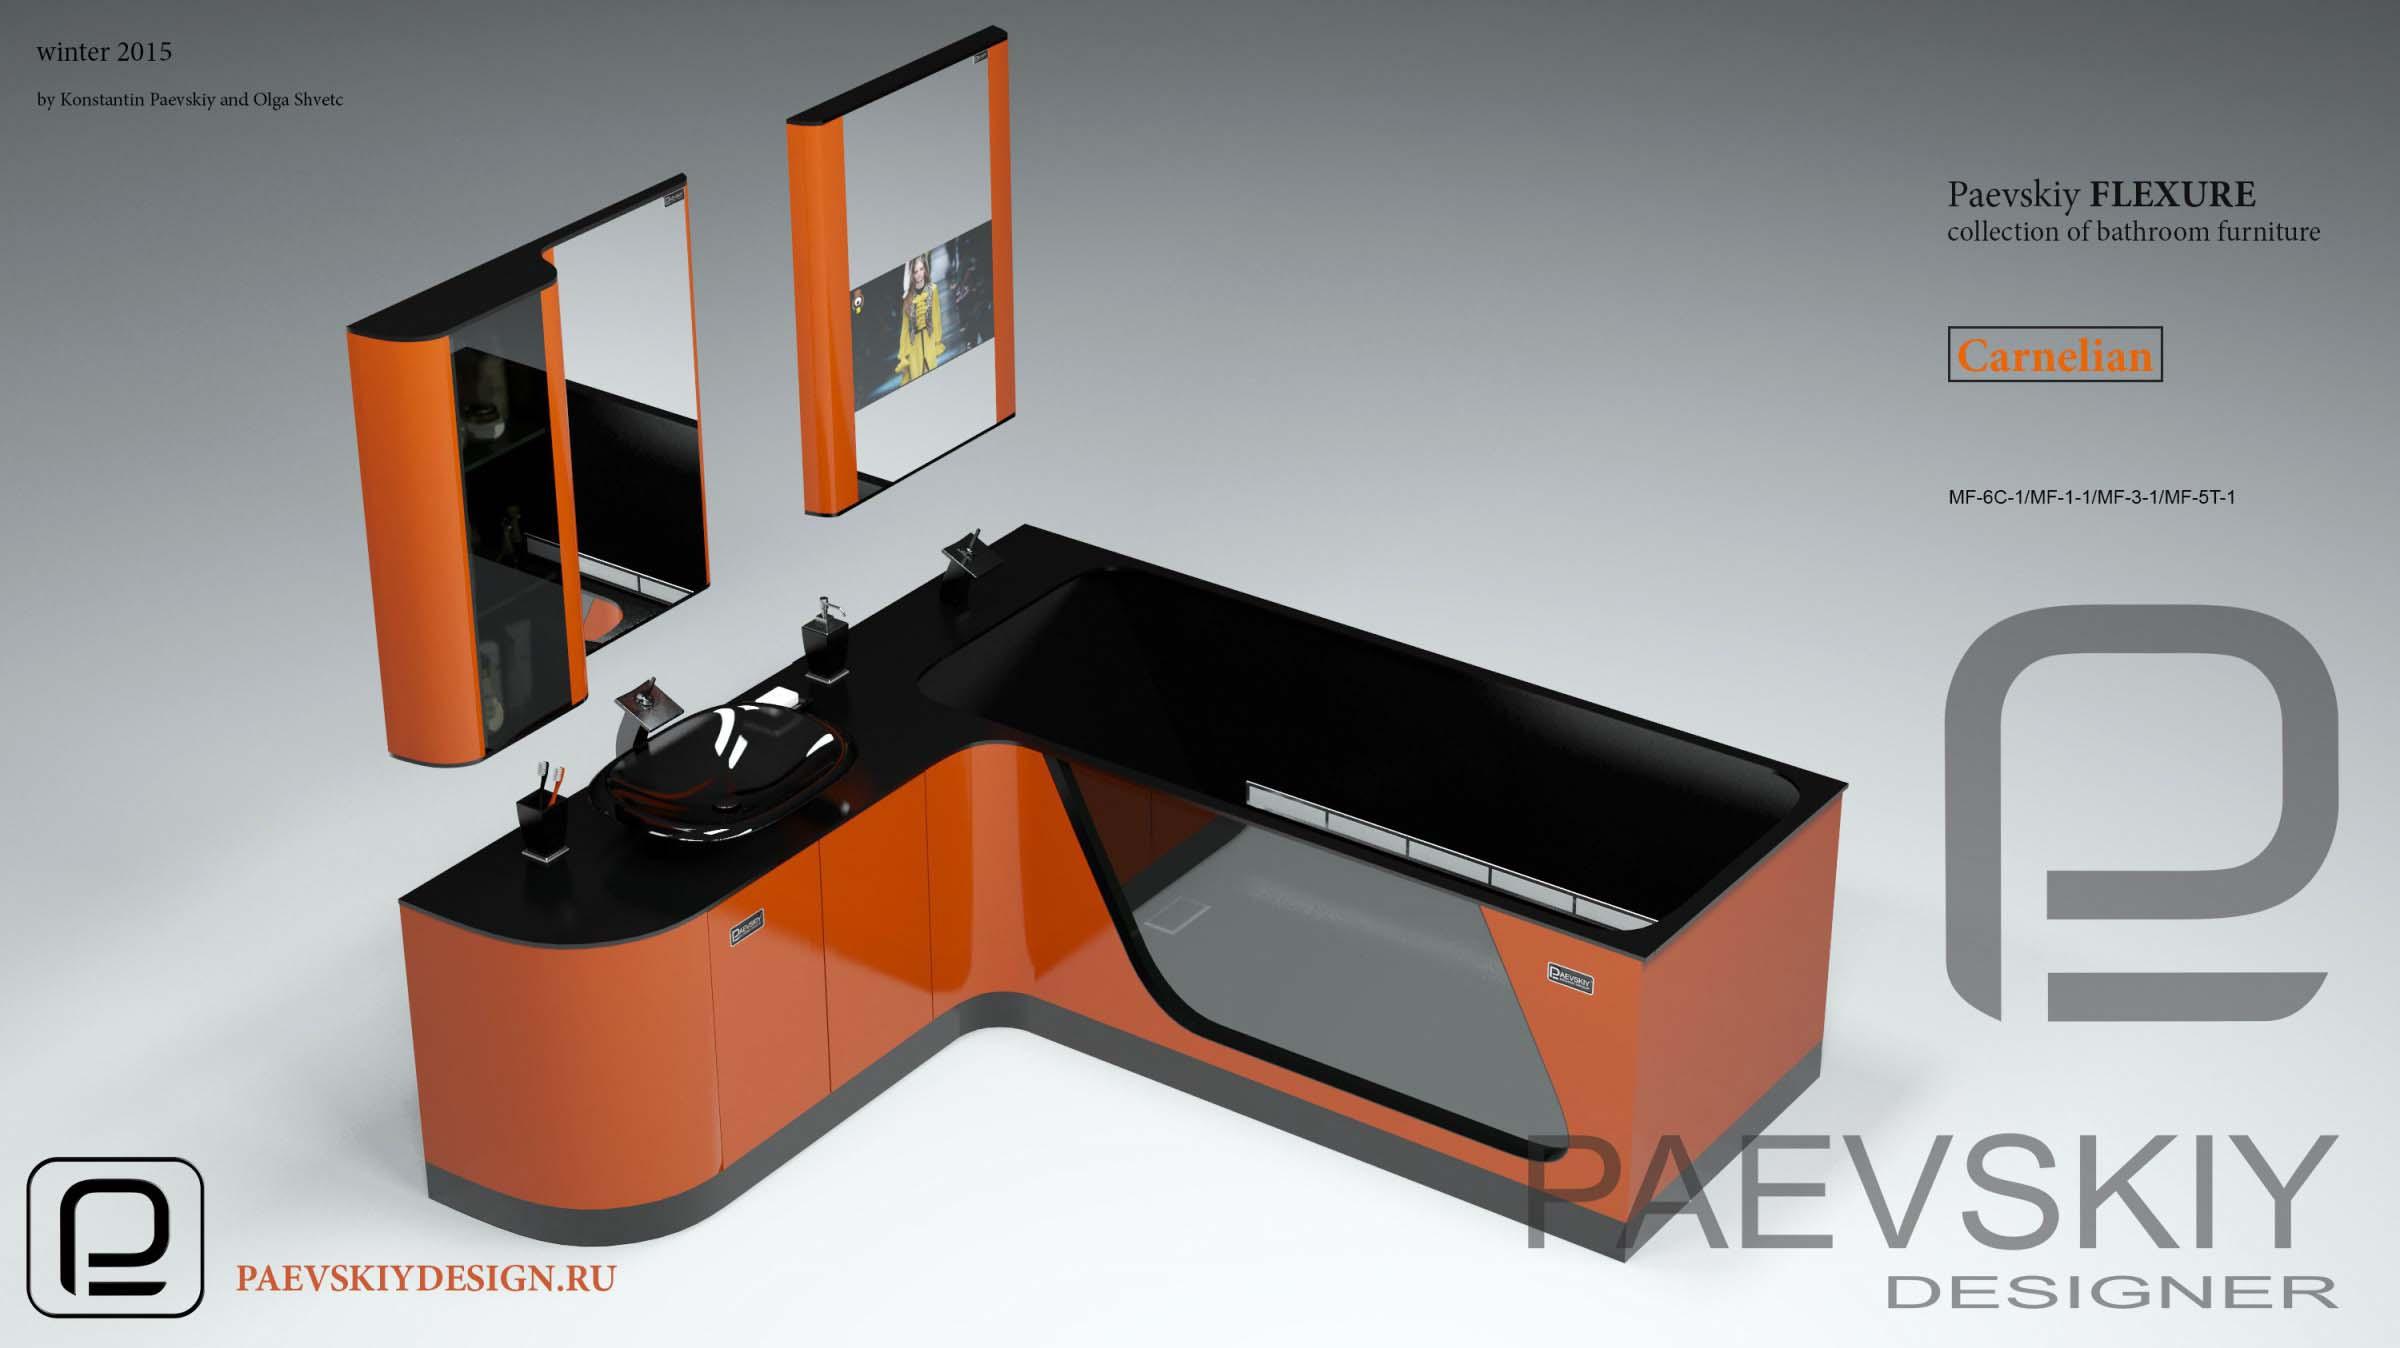 Модульная мебель для ванной FLEXURE Carnelian-03